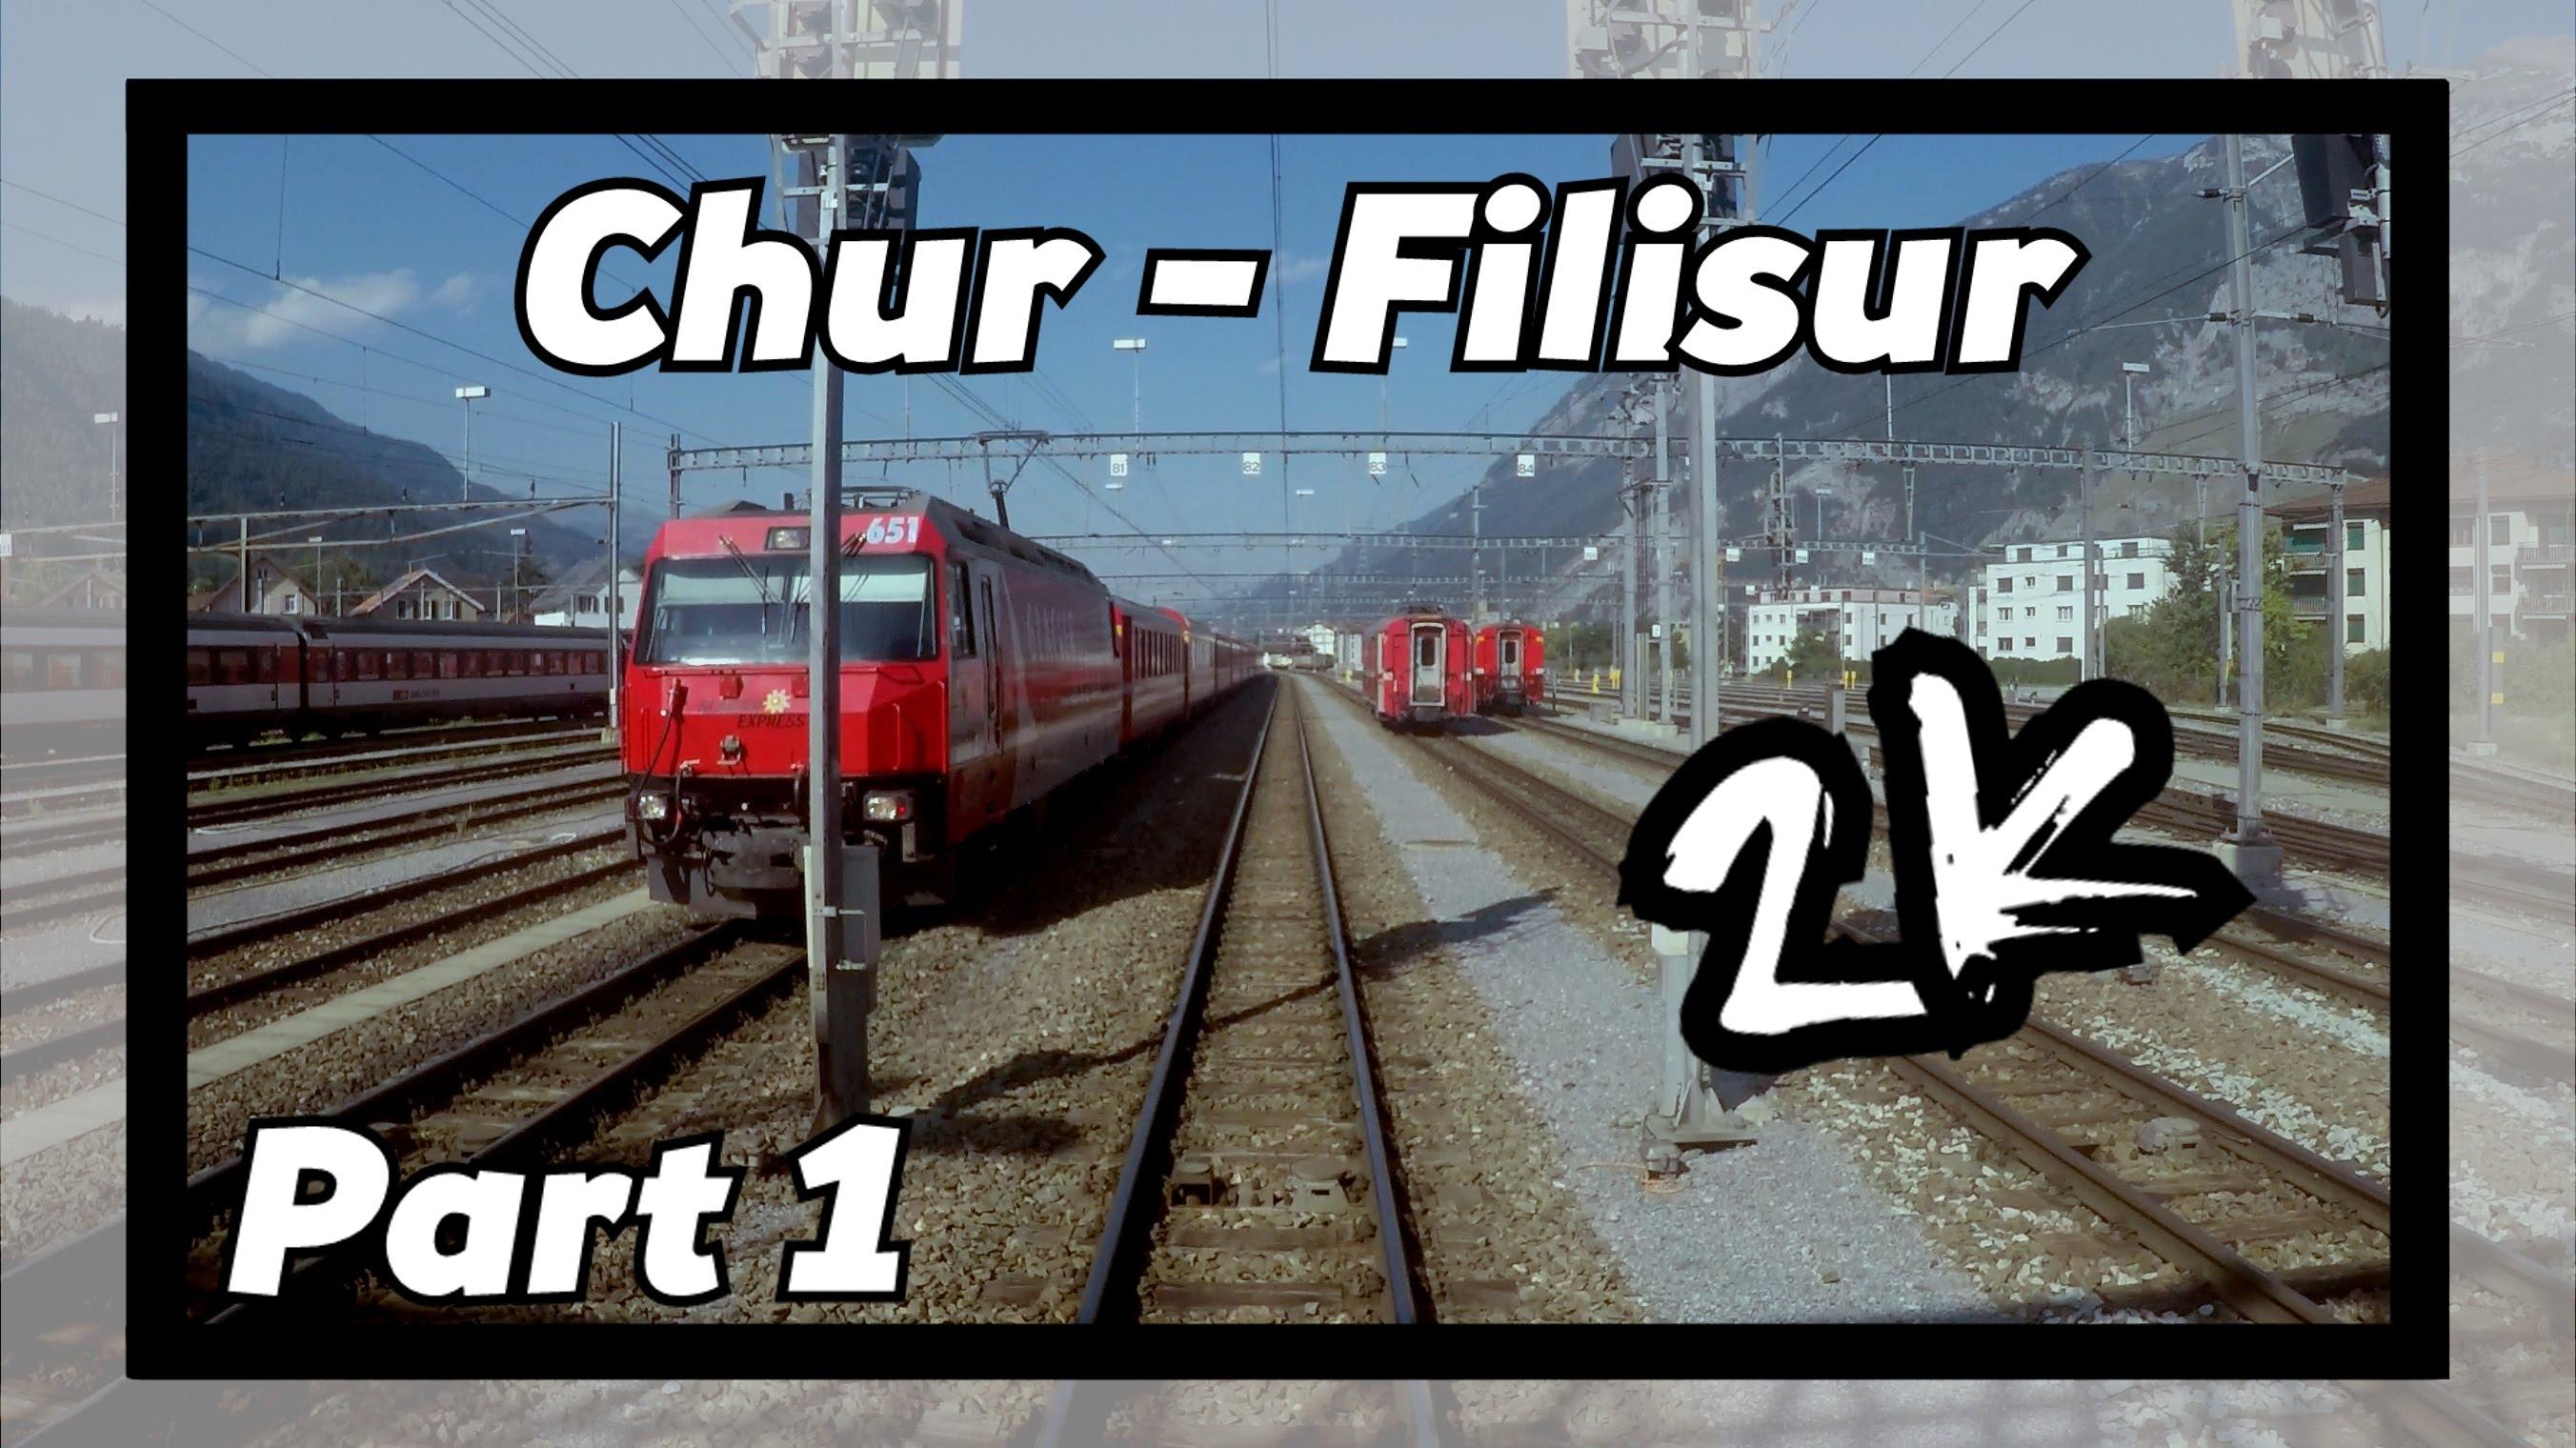 Cab ride RhB Chur – Filisur 1/8! [ALBULABAHN]